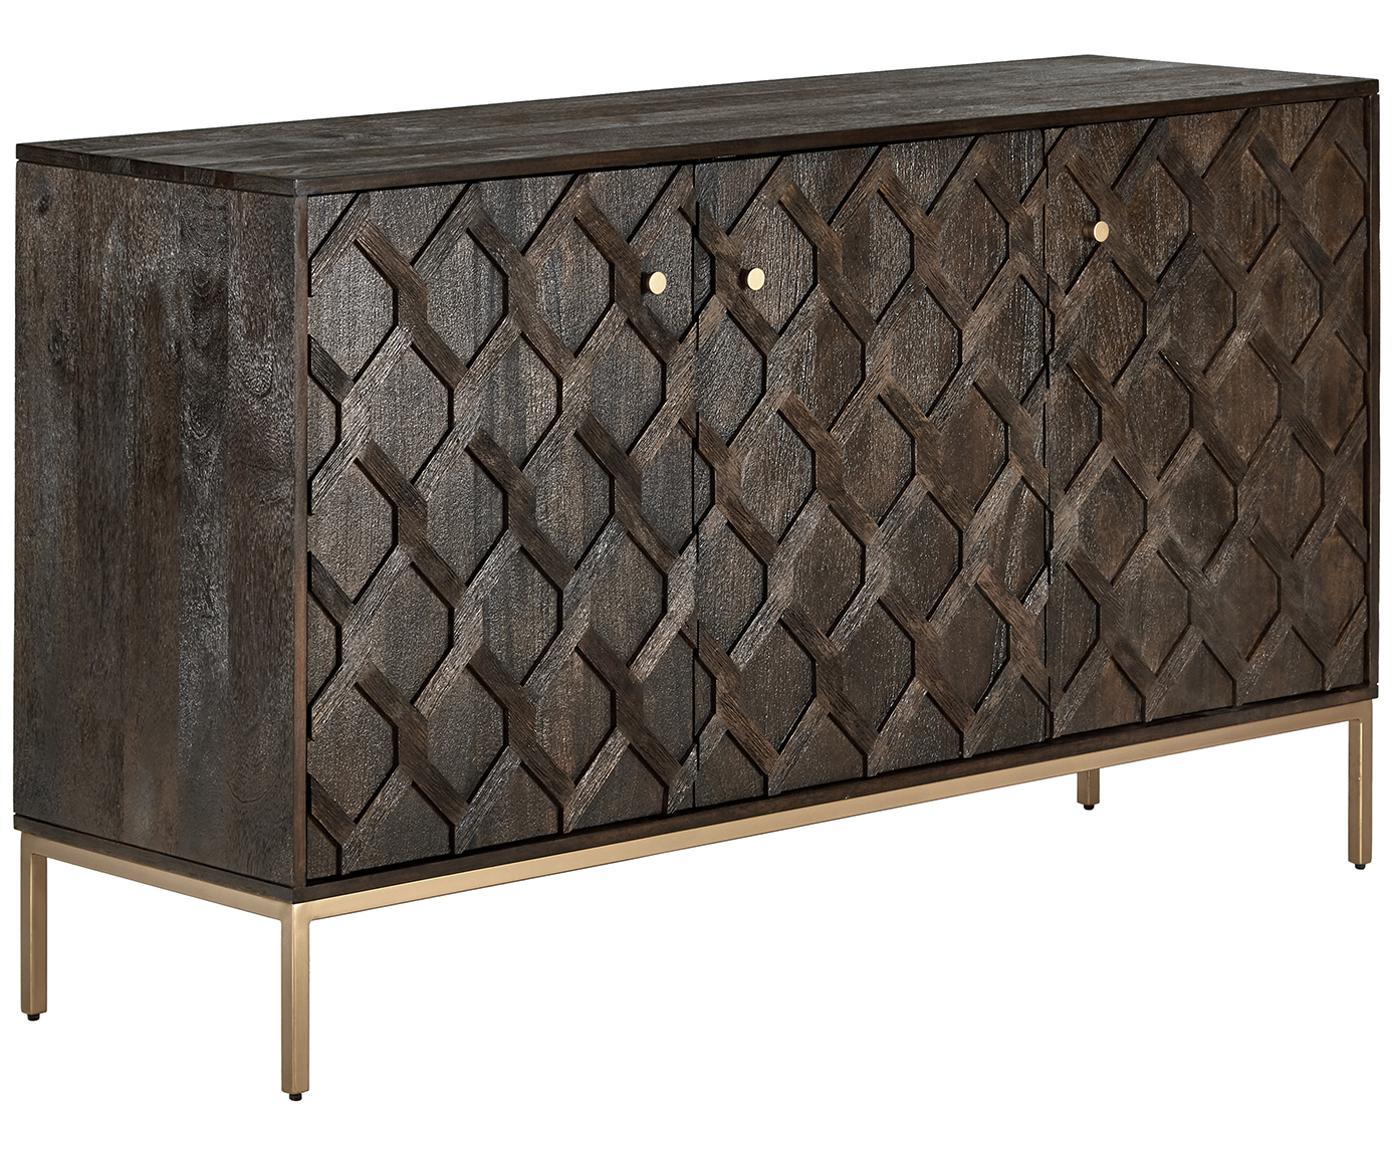 Credenza in legno massello Clive, Struttura: metallo verniciato a polv, Legno di mango, dorato, Larg. 150 x Alt. 85 cm